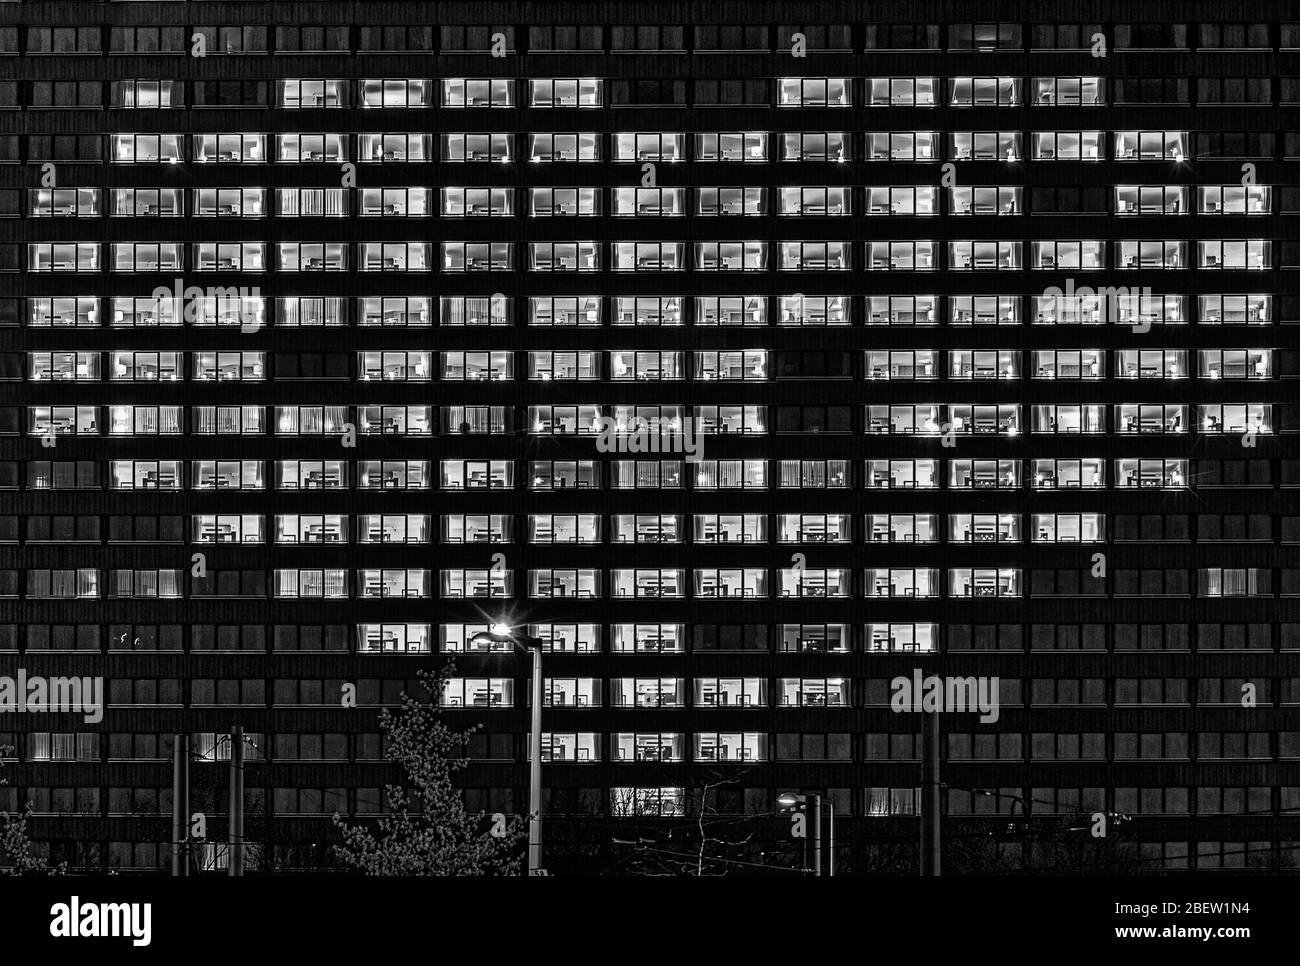 Forme de coeur illuminé des fenêtres d'un bâtiment comme un geste pour les personnes qui soutiennent d'autres comme maintenant dans les temps de virus de corona dur symboliquement en noir dans Banque D'Images